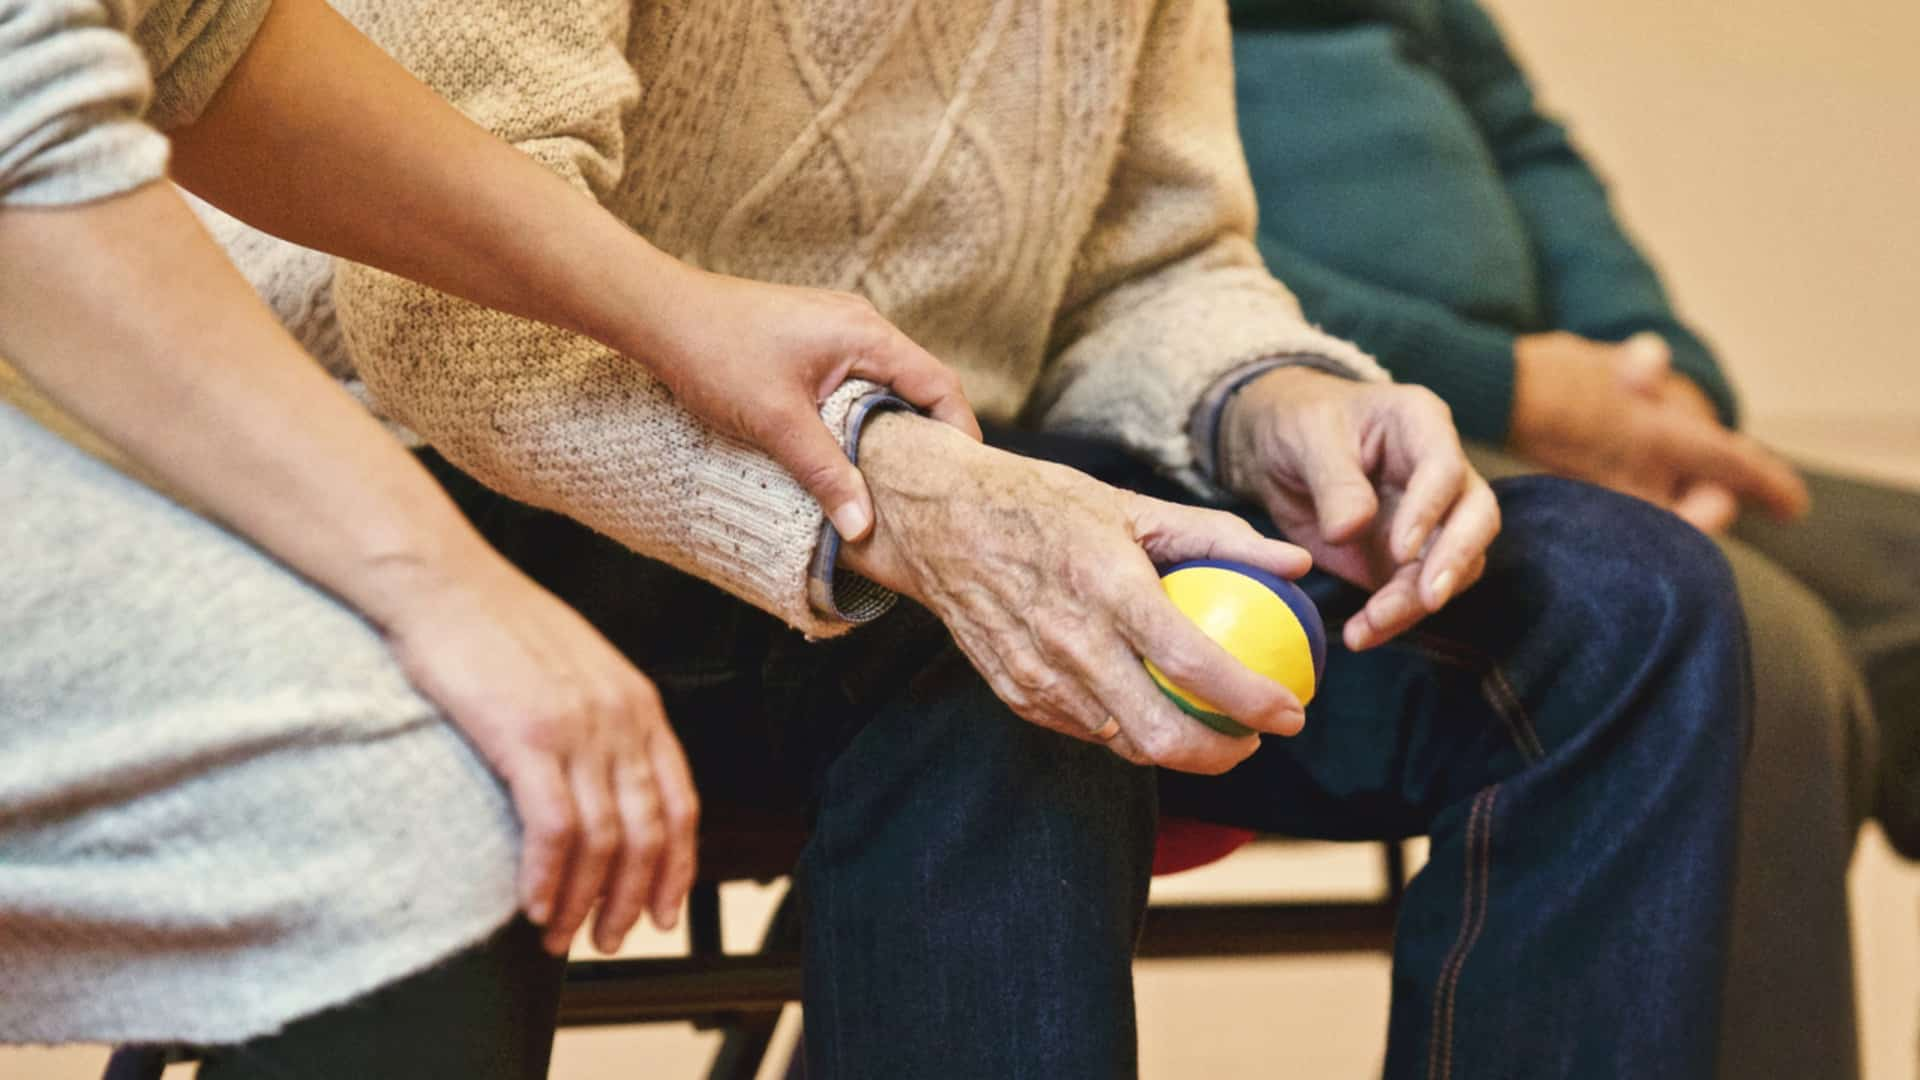 An Assistant helping an elderly woman